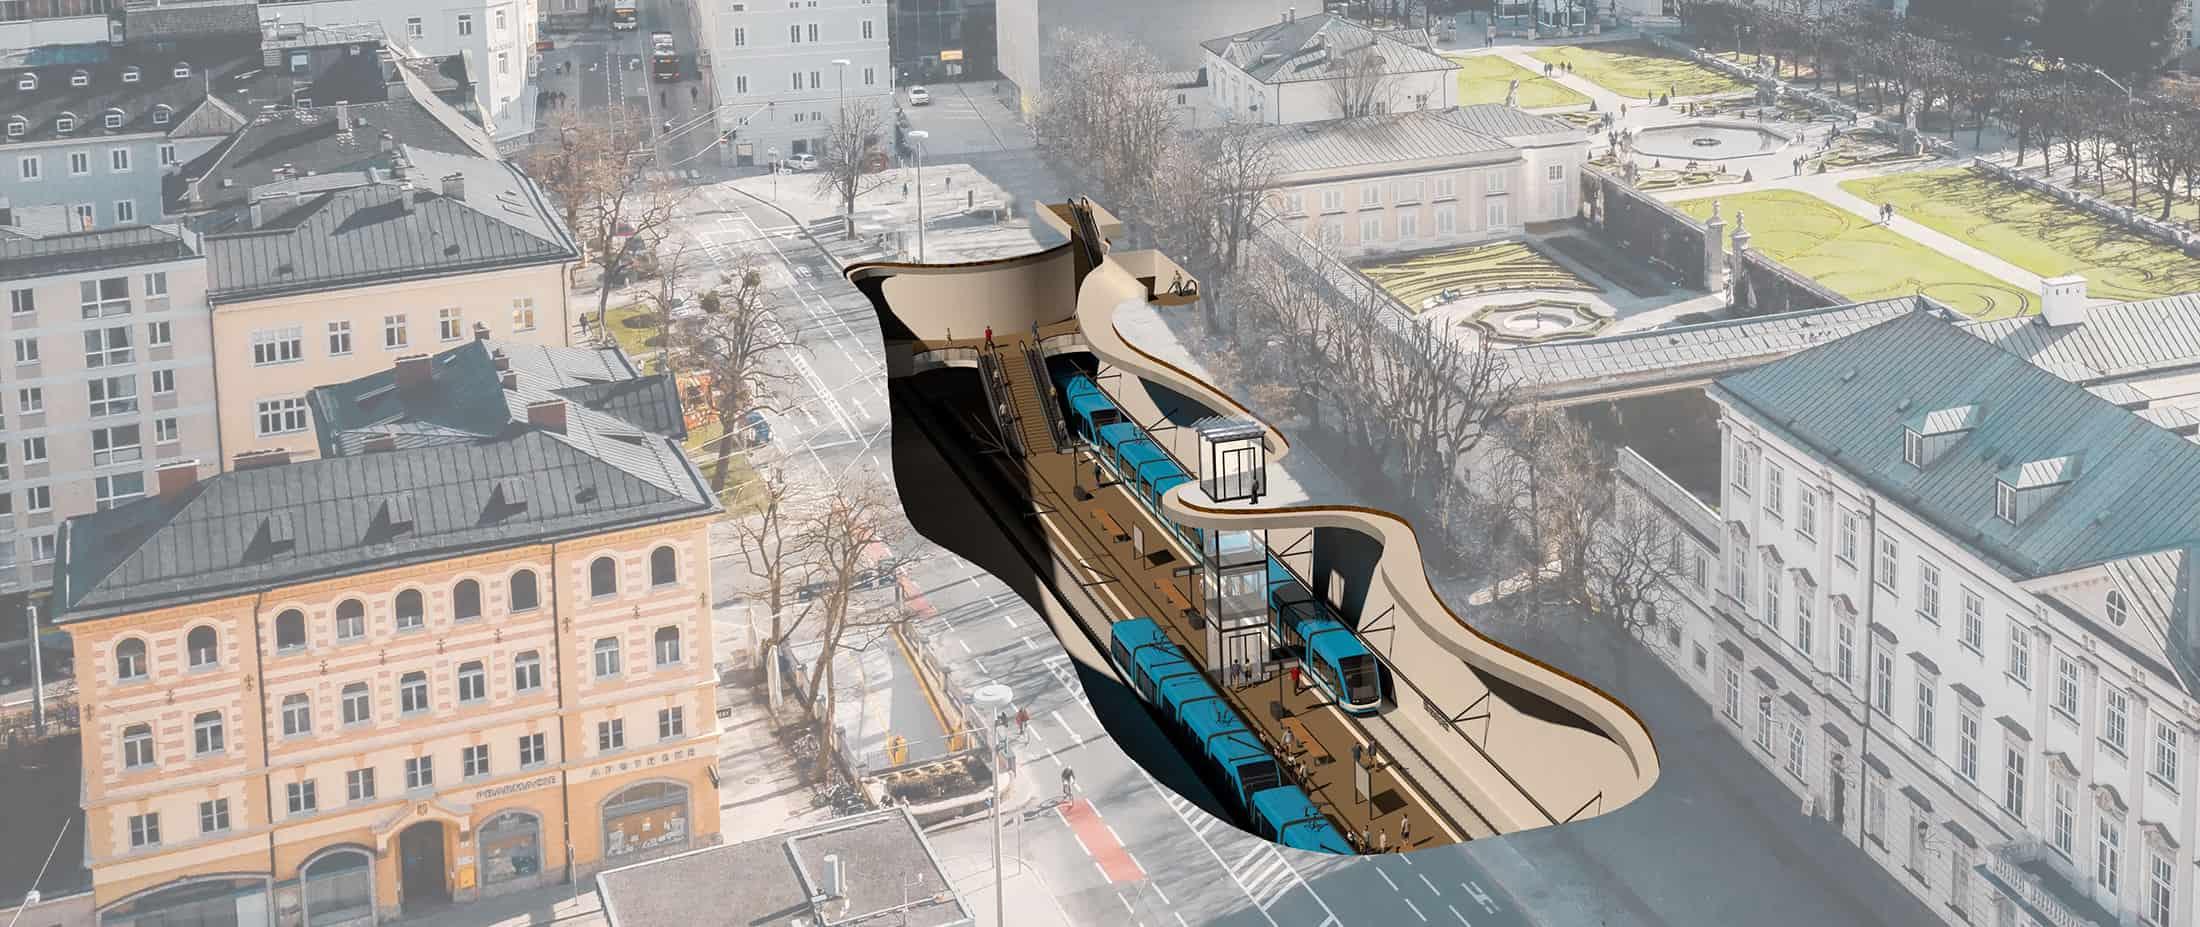 Das erste konkrete S-LINK Projekt: Die Lokalbahn wird unterirdisch bis zum Mirabellplatz verlängert.